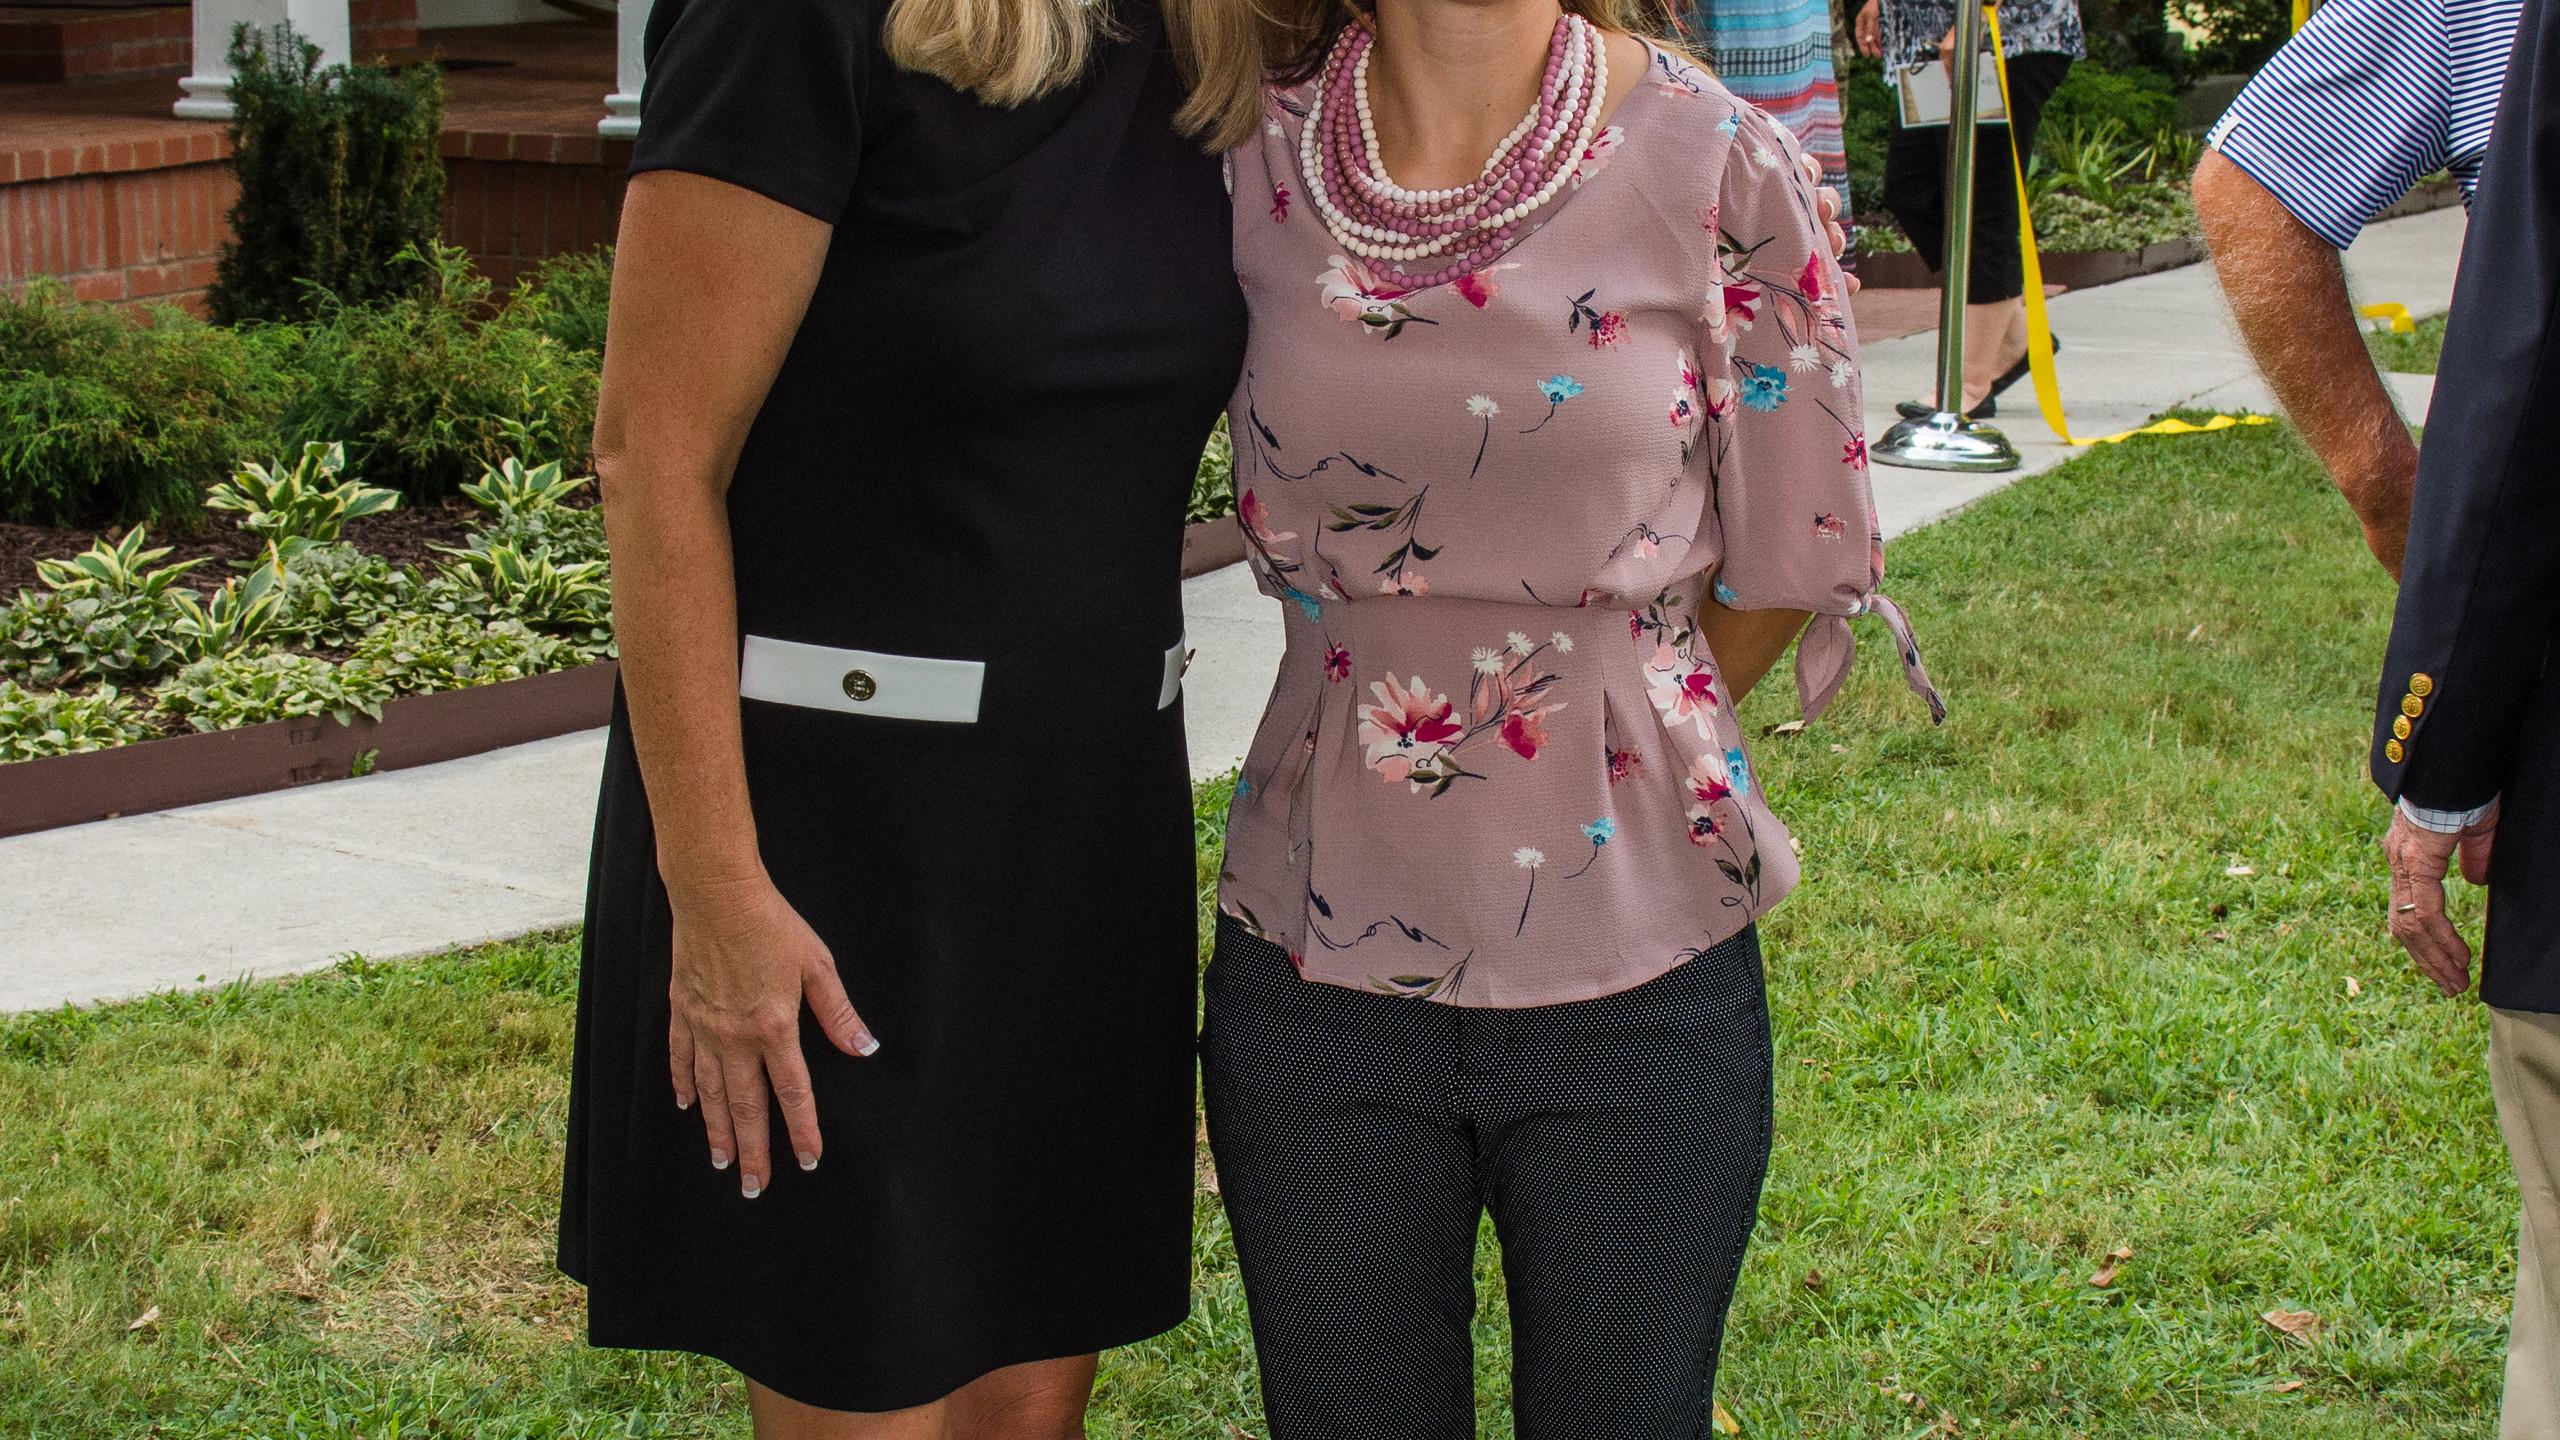 Kim Weade and Ashley Boyd